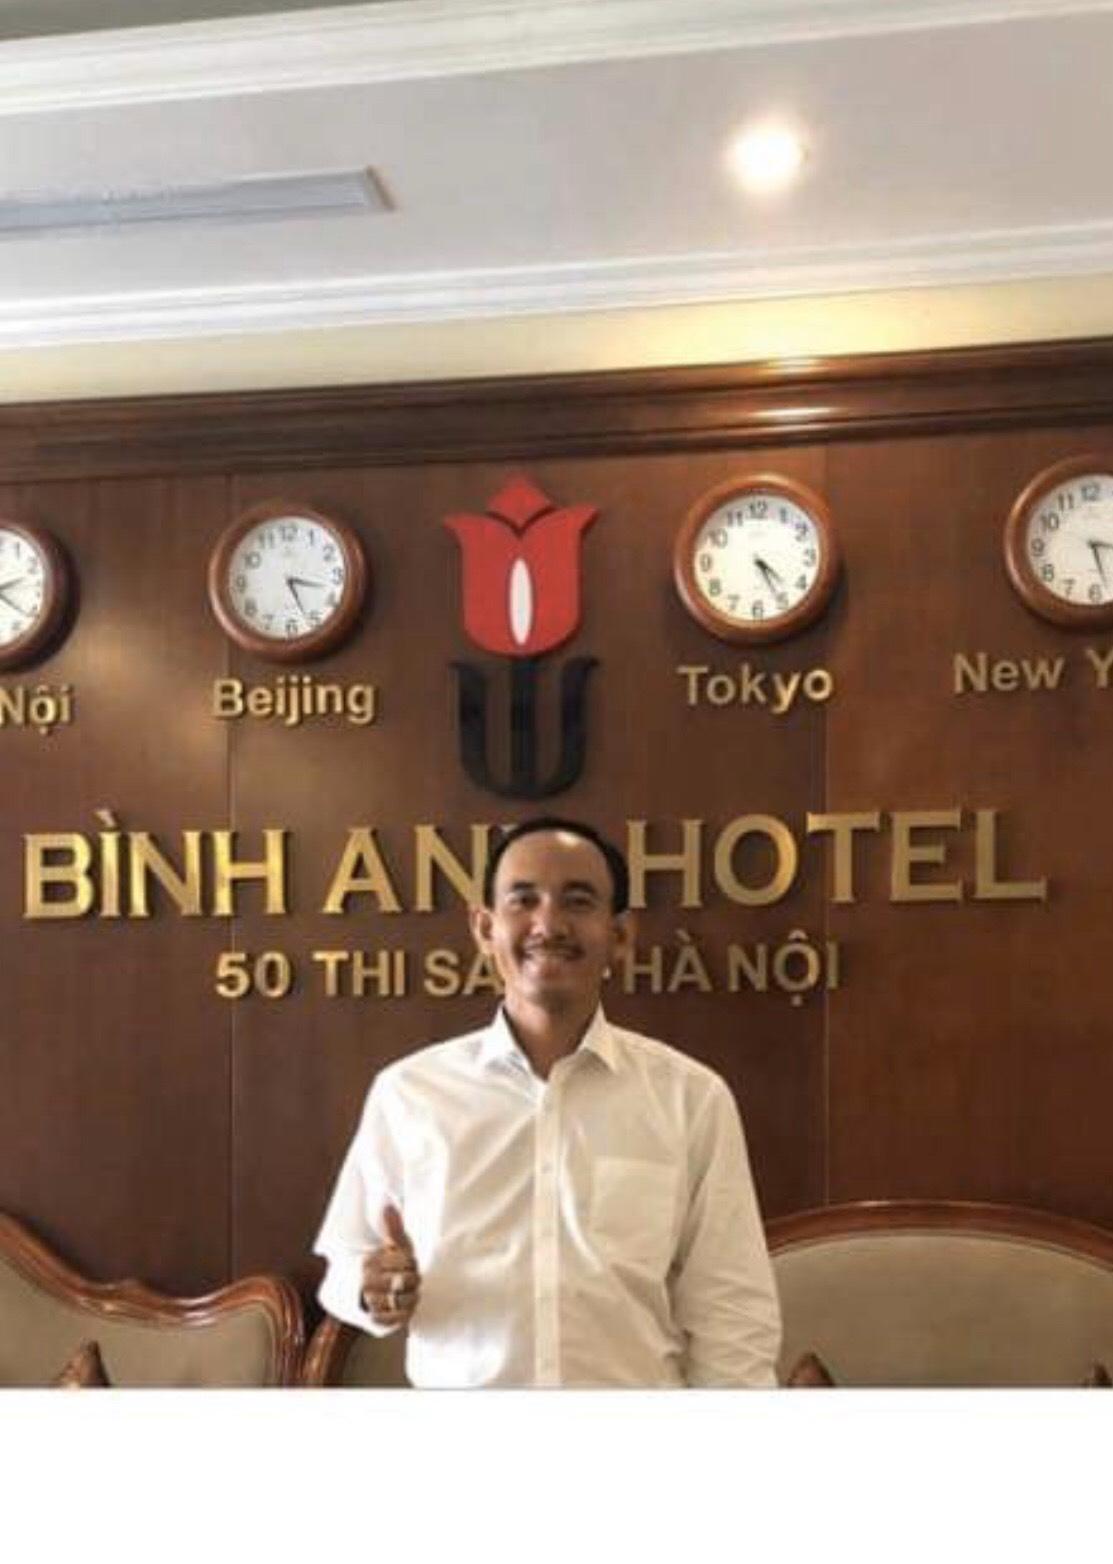 <p>Khách sạn Bình Anh của Chị Oanh Út đã trải nghiệm dịch vụ tốt, chất lượng tốt, phục vụ chuẩn</p>